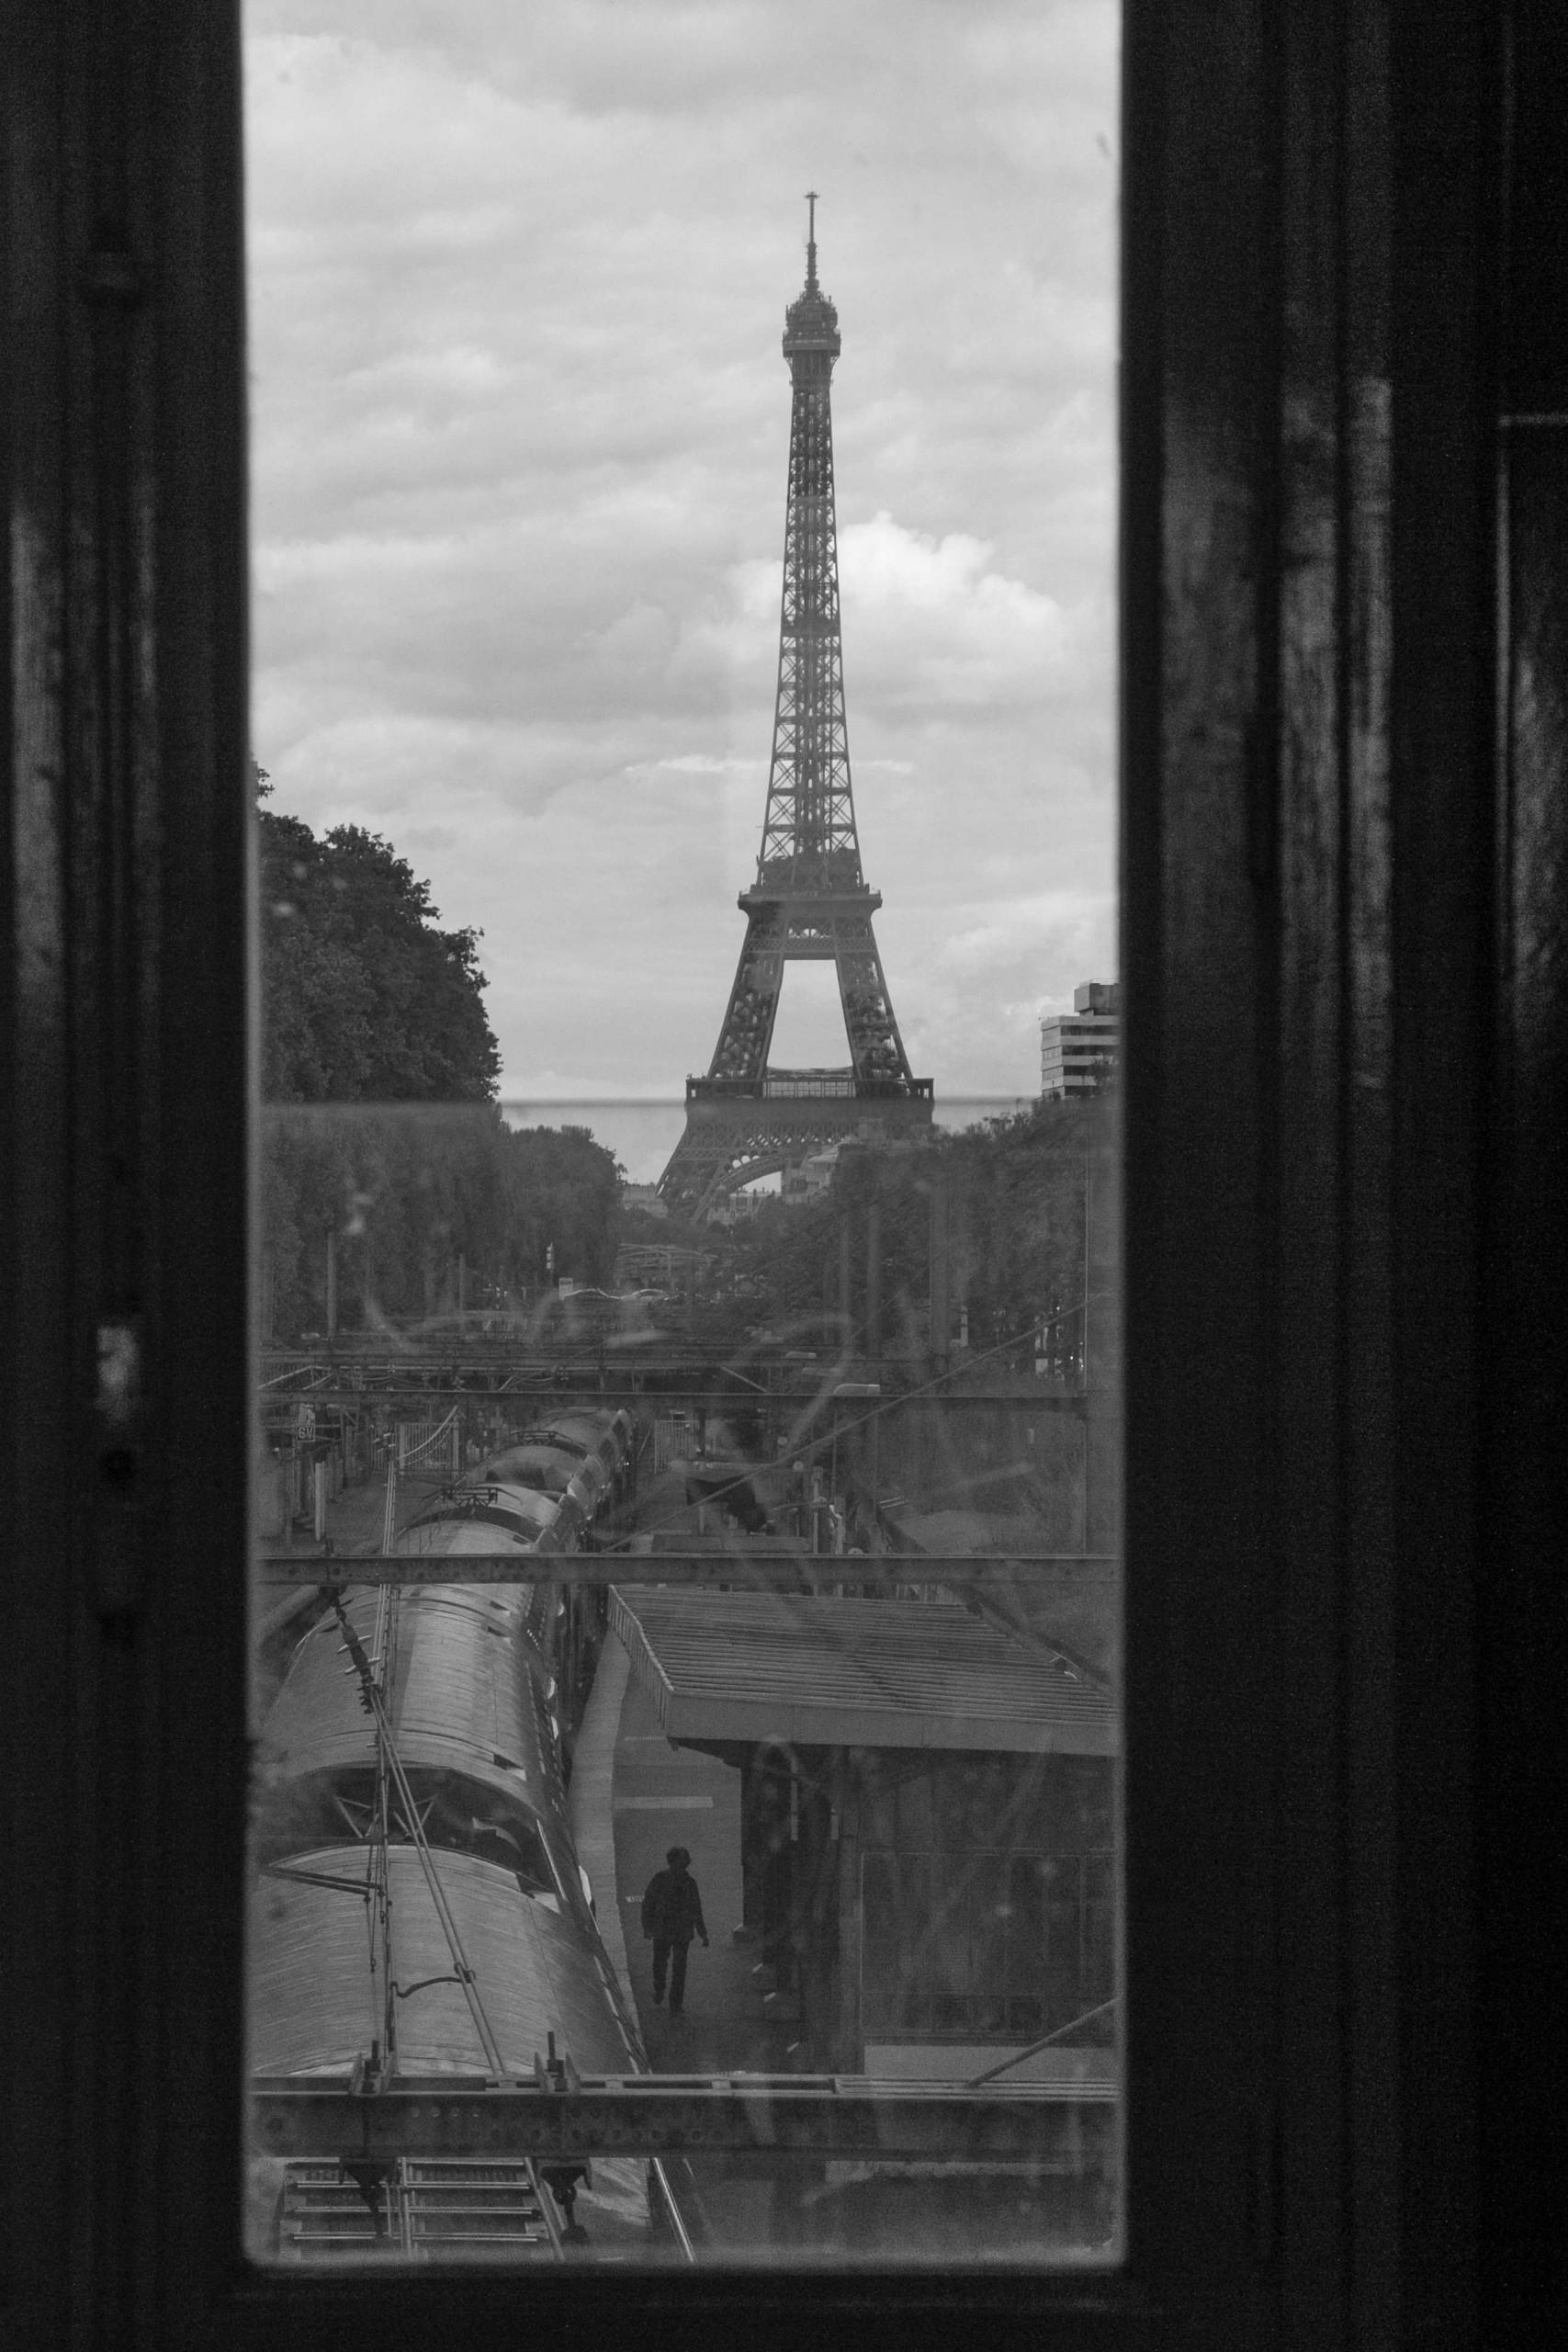 Paris, where miracles do happen!